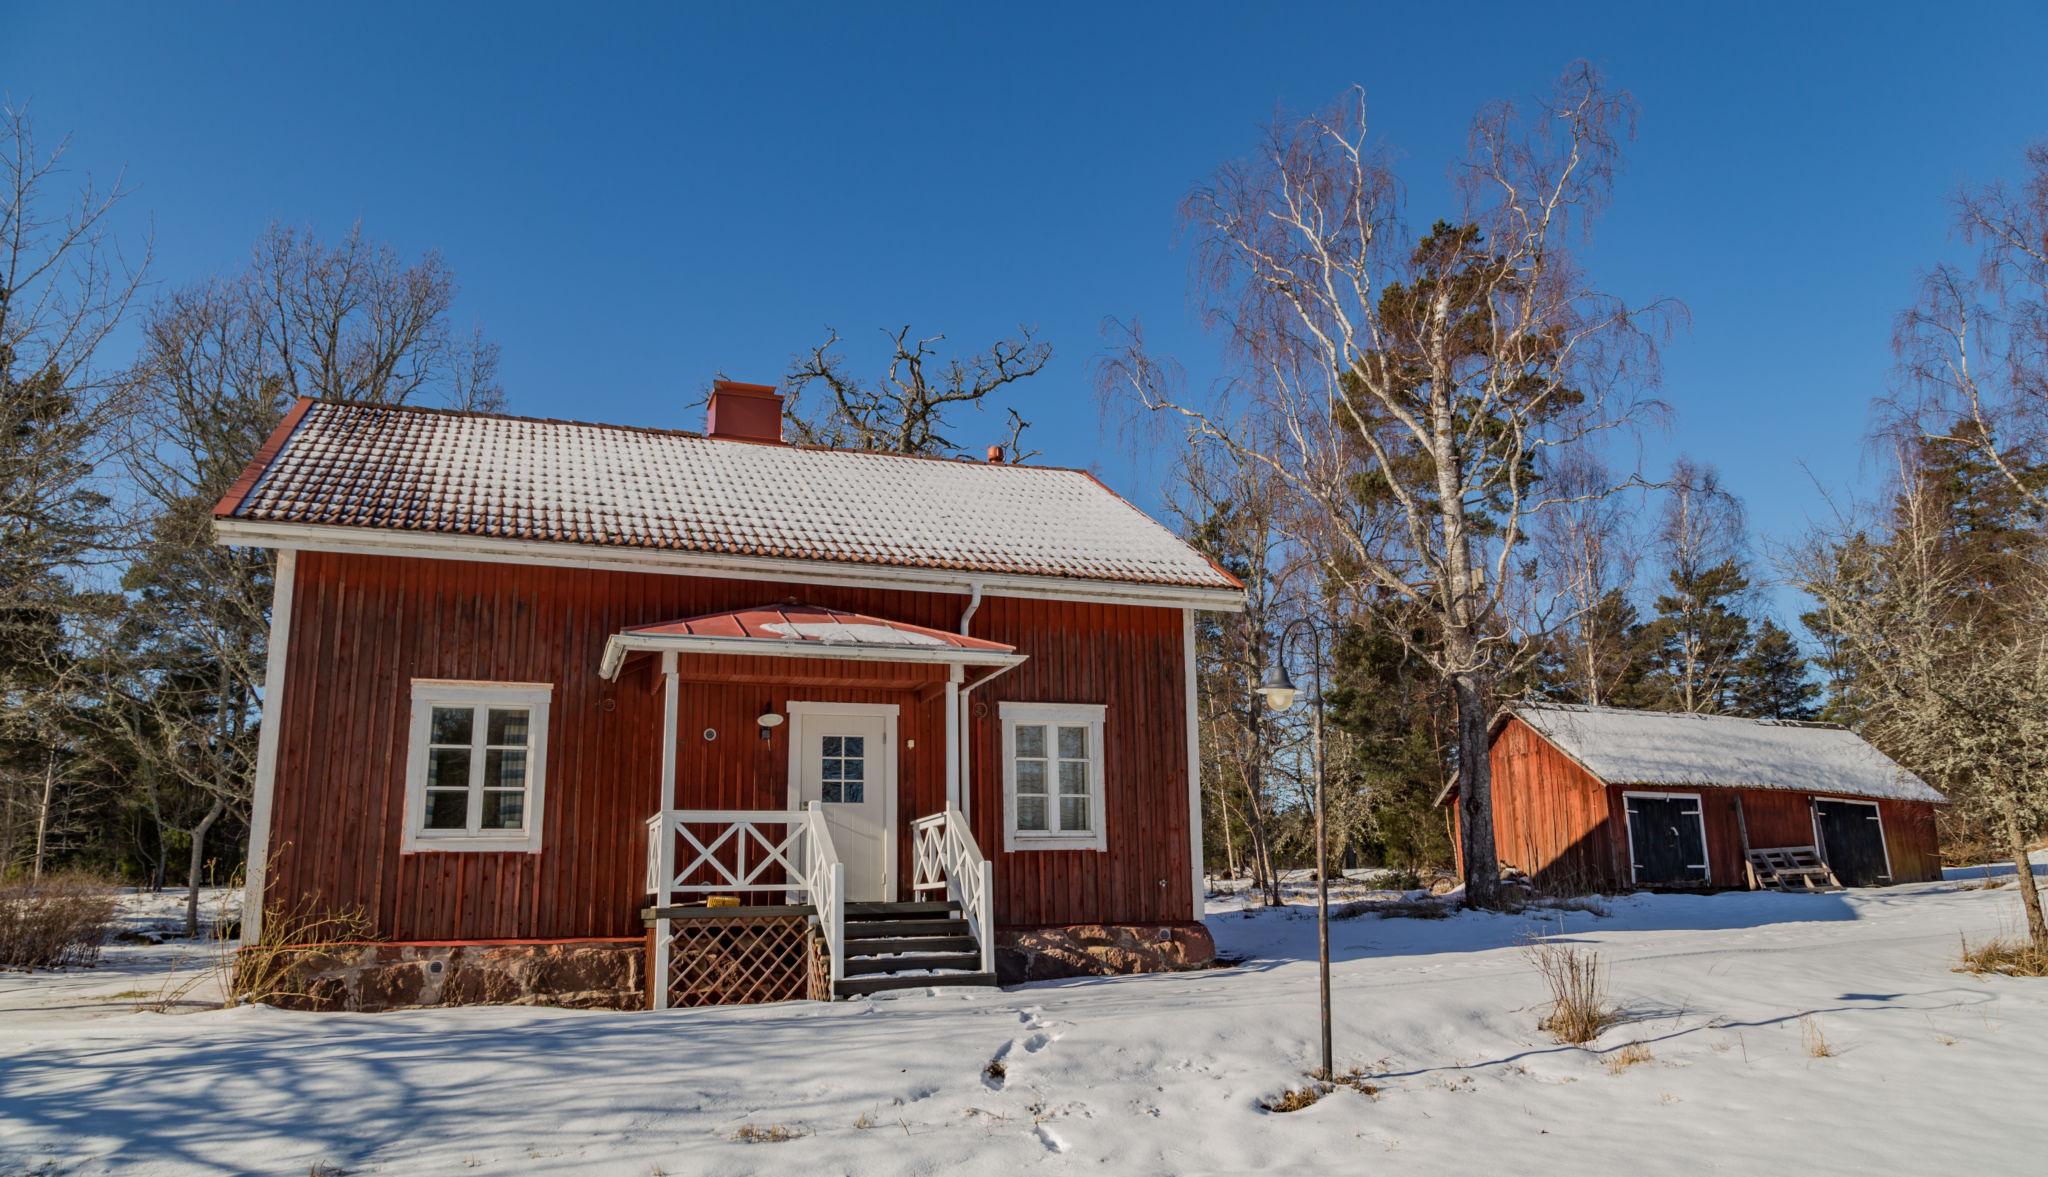 Arrendatorsvillan vid Husö biologiska station